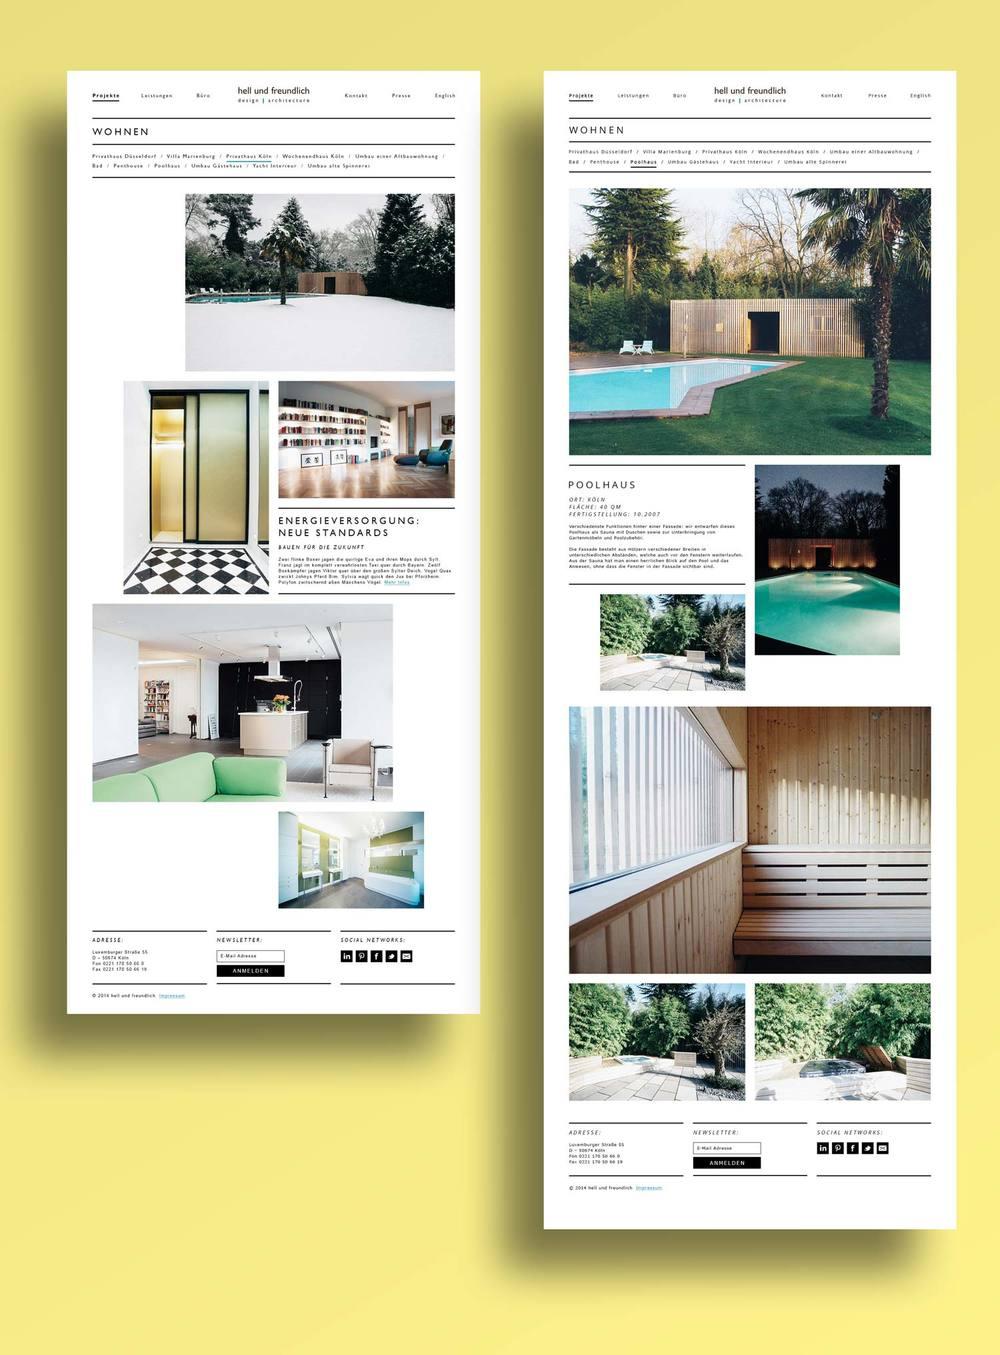 responsive-website-web-design-hell-und-freundlich-onogrit-05